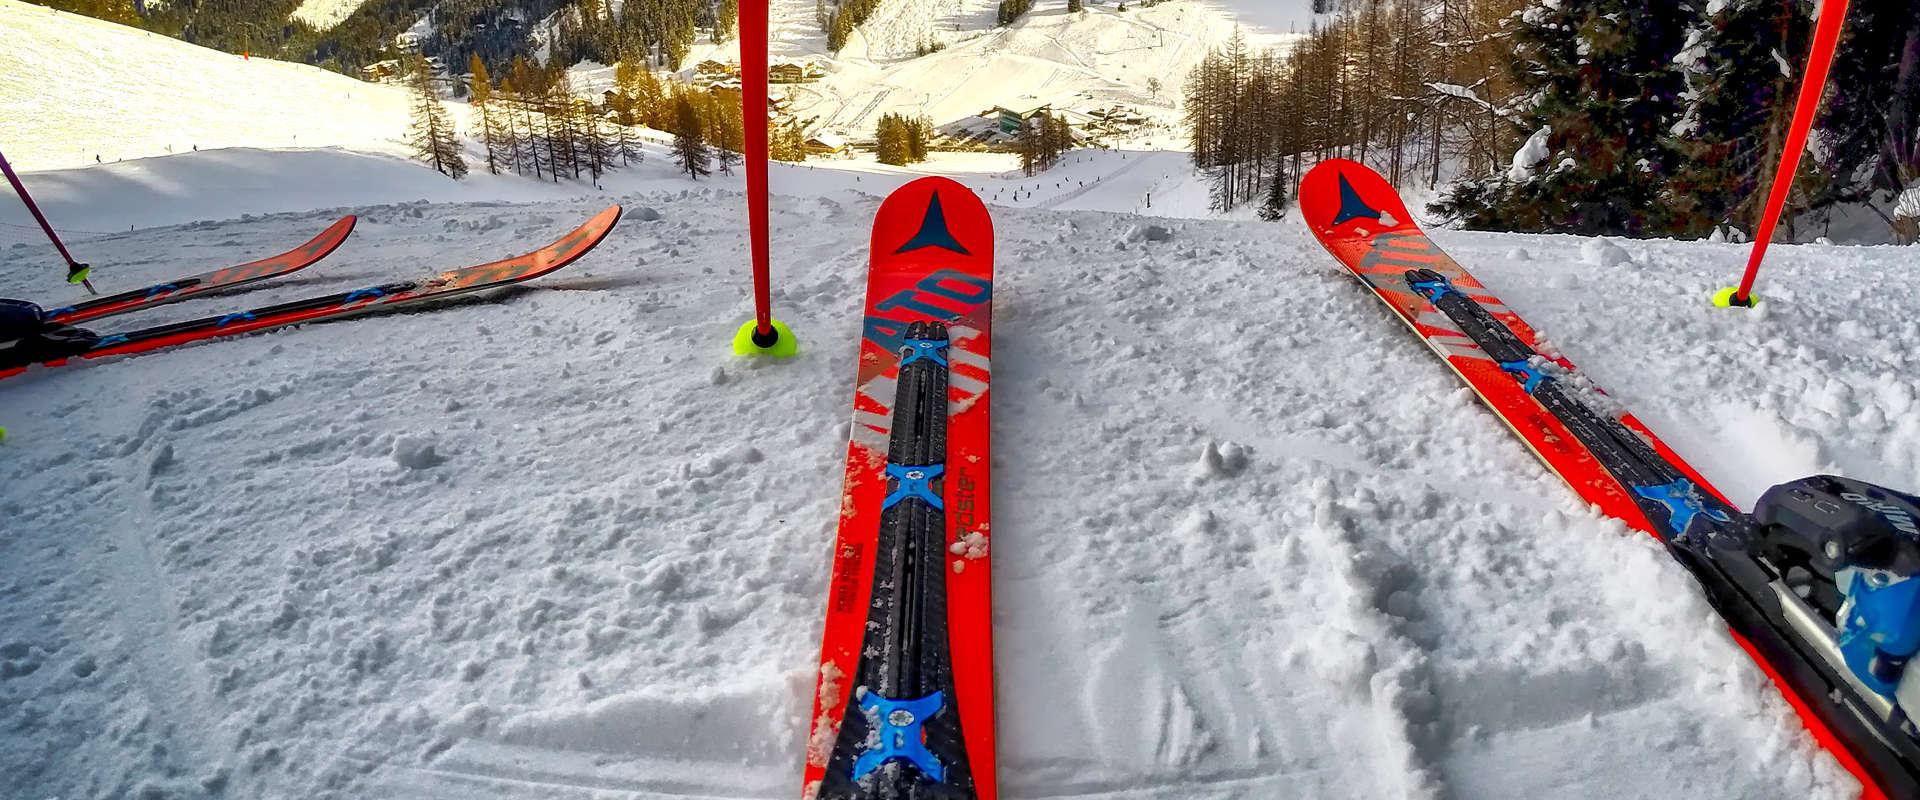 Prix pour l'achat de ski alpin et de planche à neige